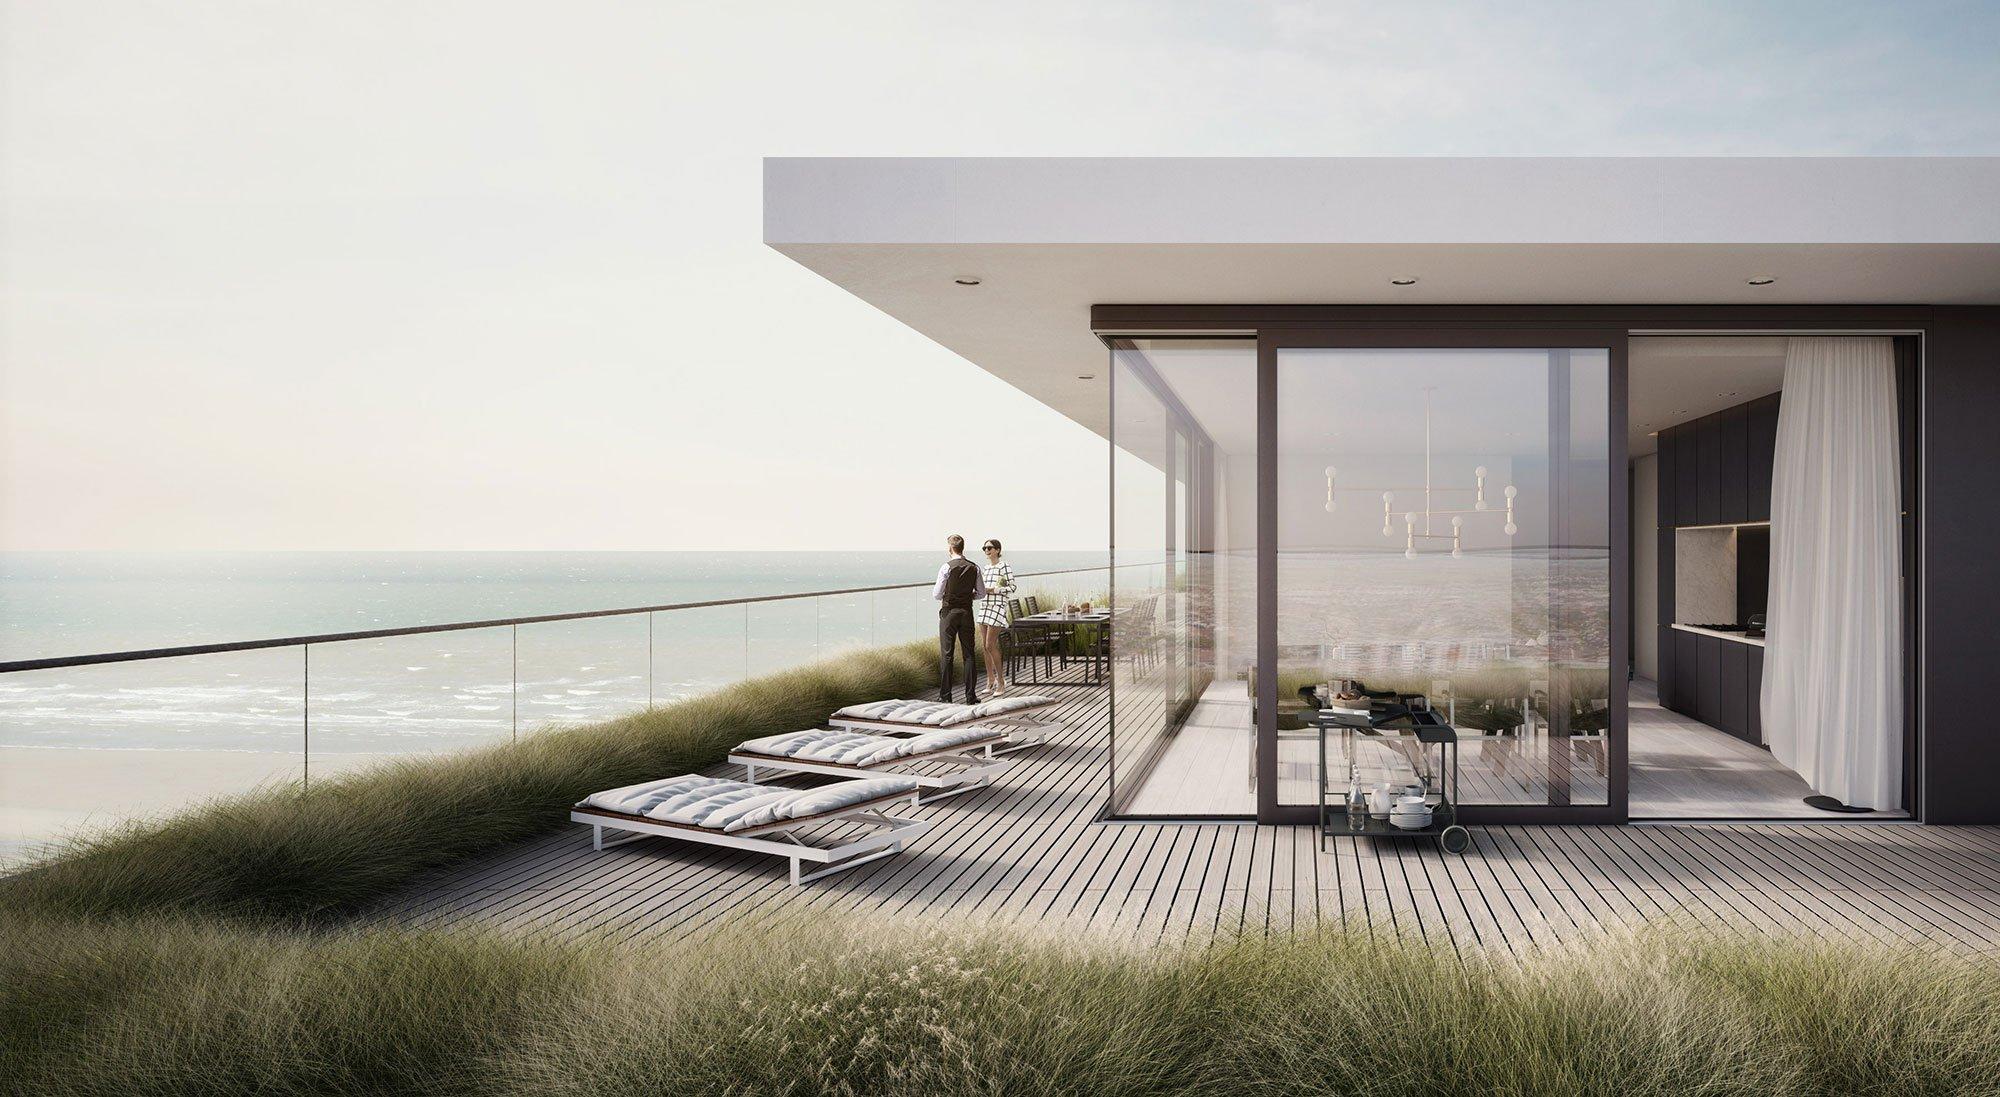 Wonen aan de Belgische Kust, de rush op vastgoed neemt nog toe